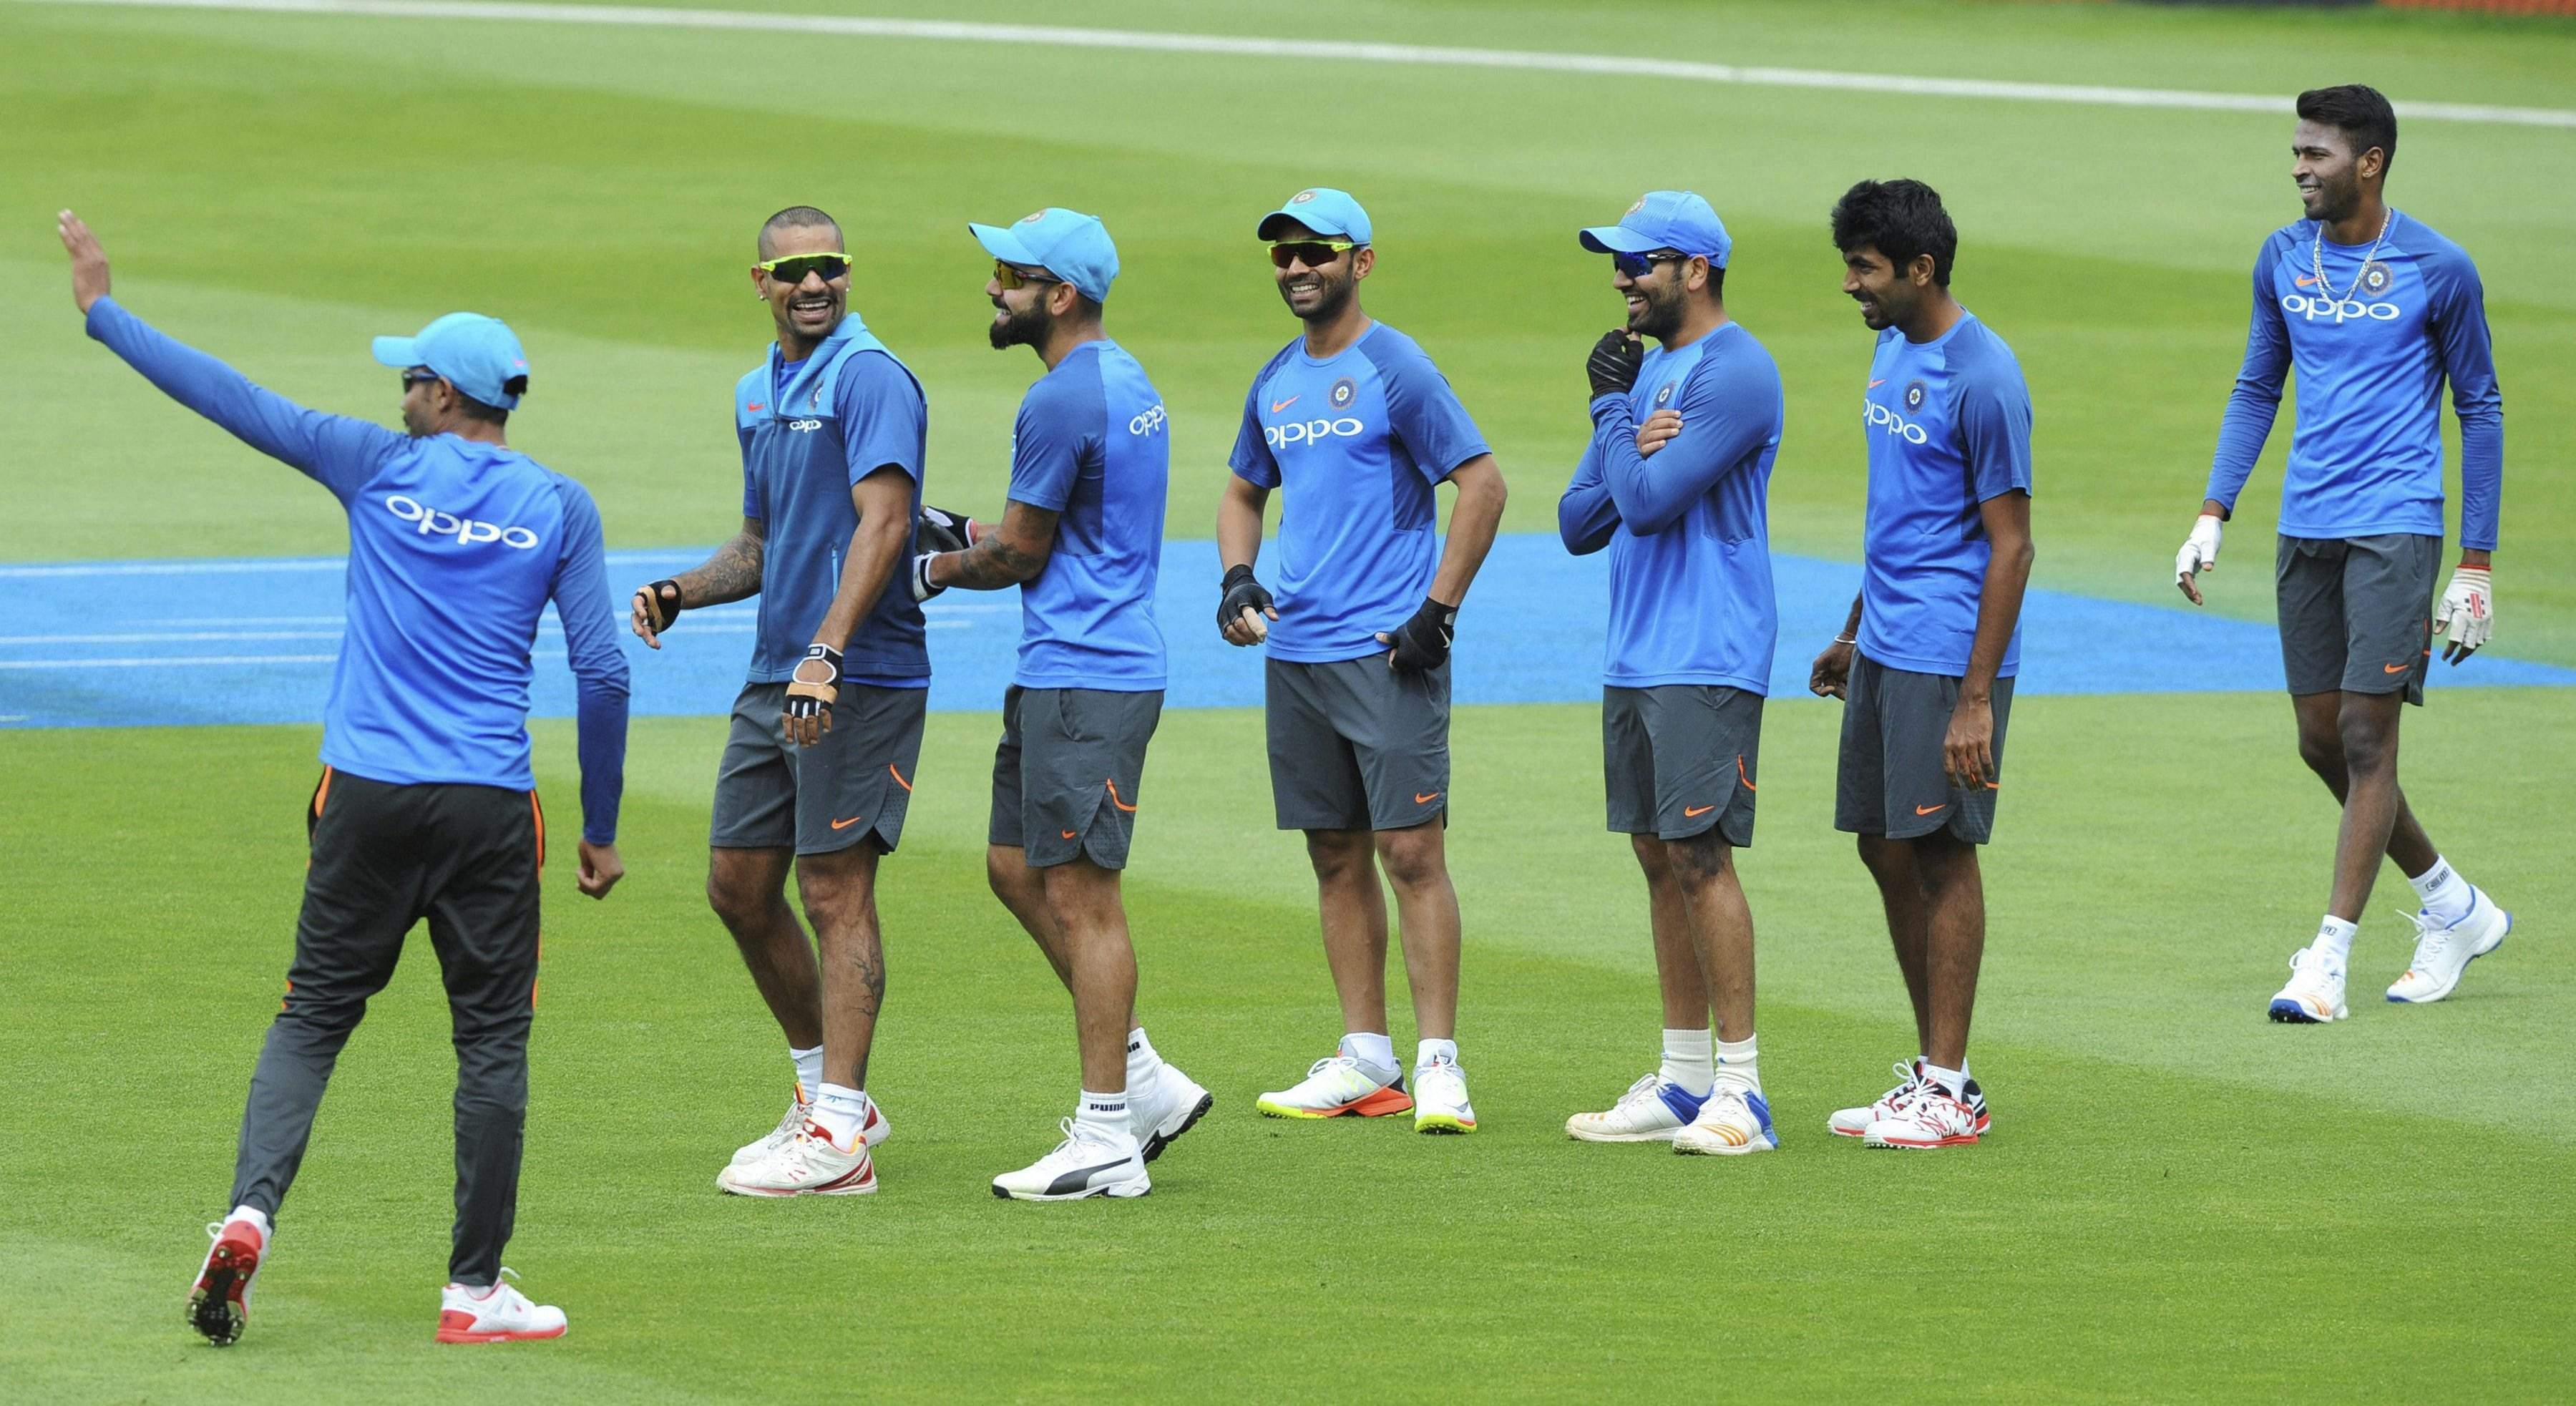 निदहास ट्रॉफी में  3 साल बाद फिर बना ये संयोग, भारत कर सकता है श्रीलंका और बांग्लादेश का क्लीन स्वीप 7